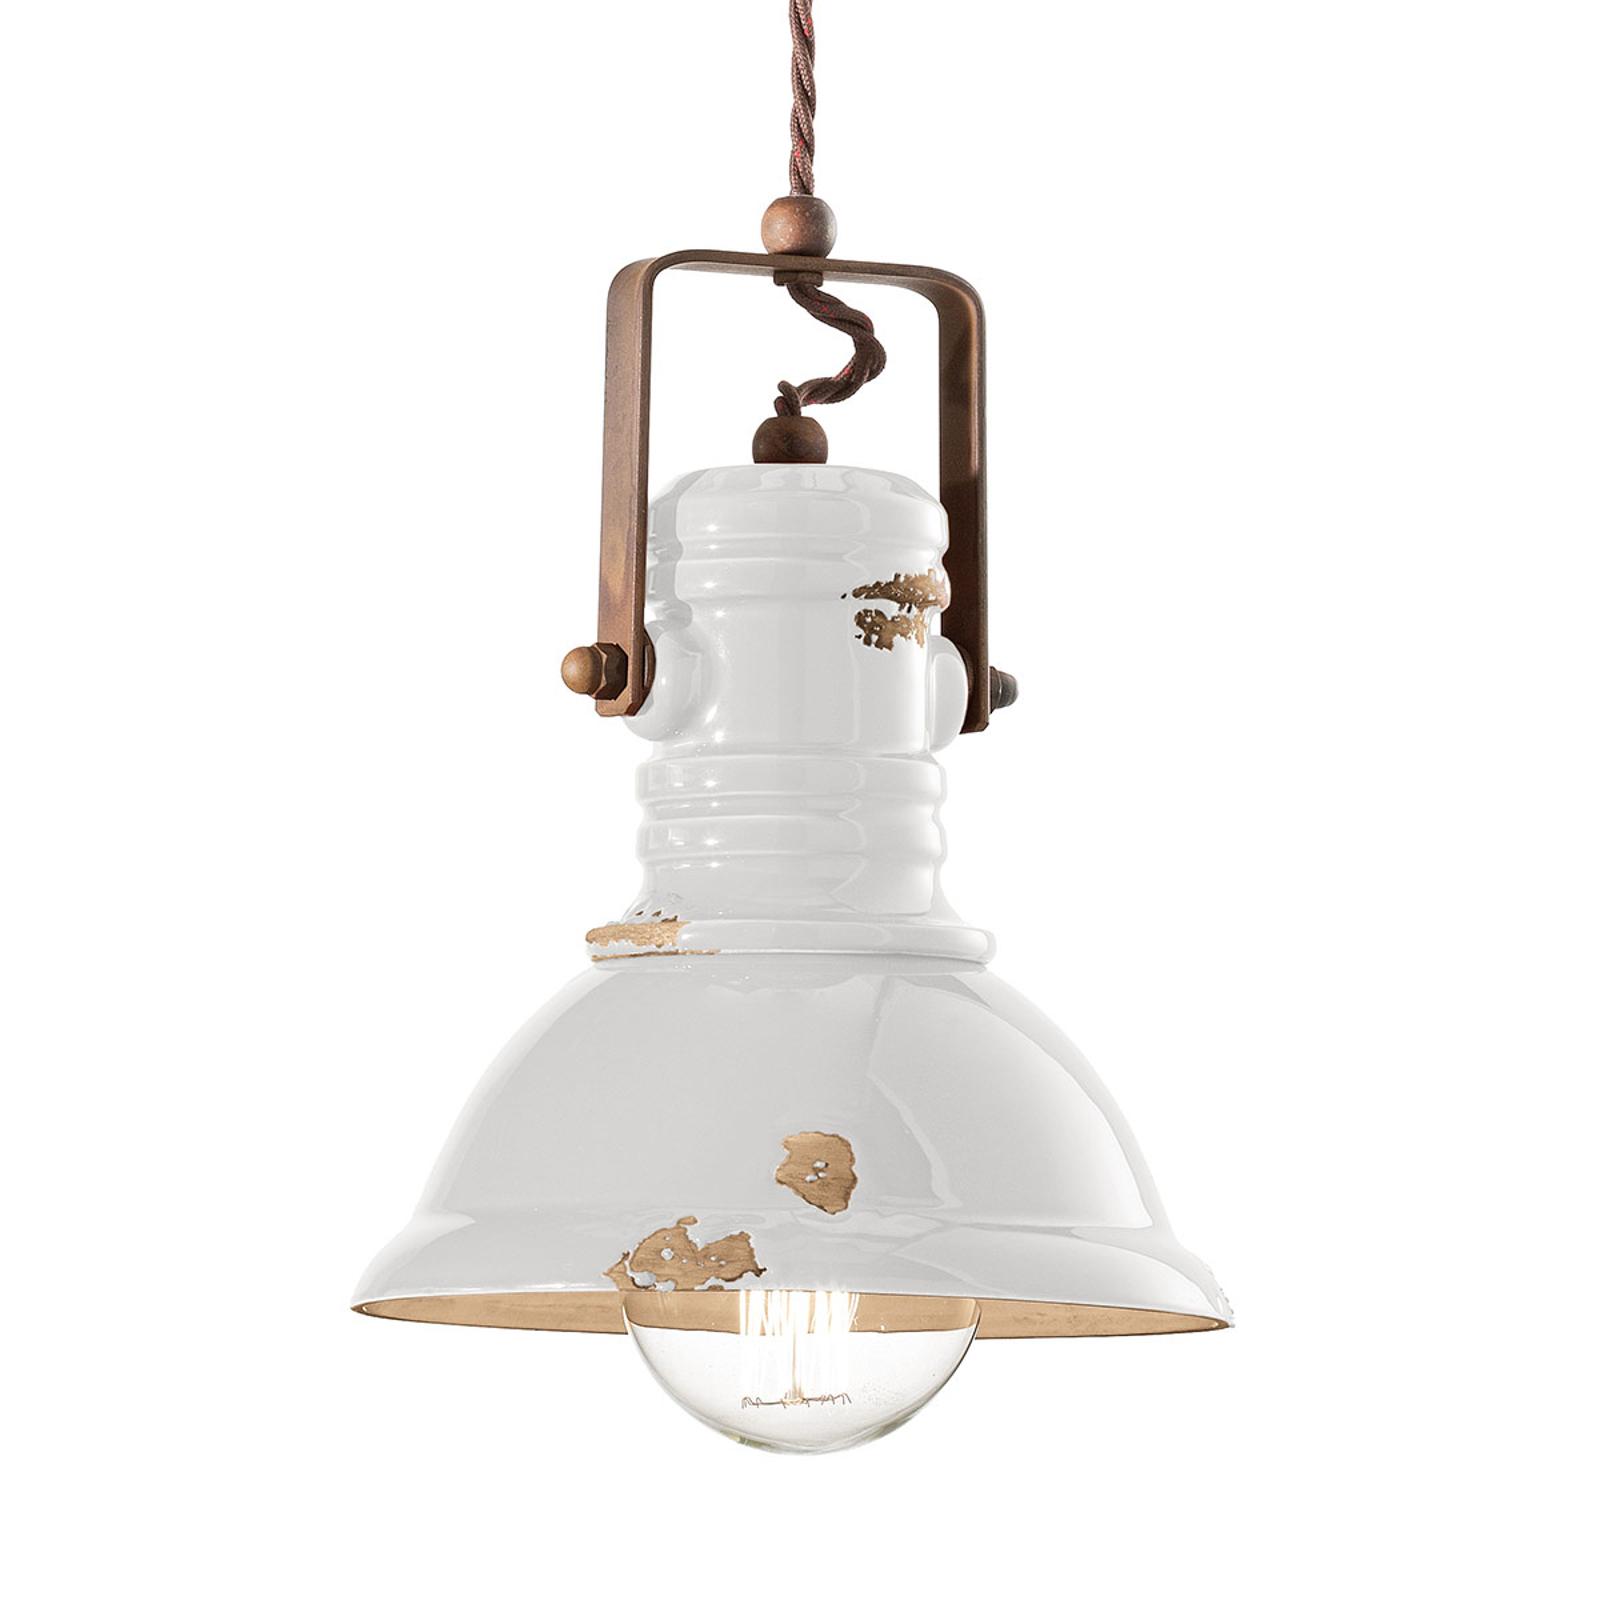 Hanglamp C1691 in industrieel design wit